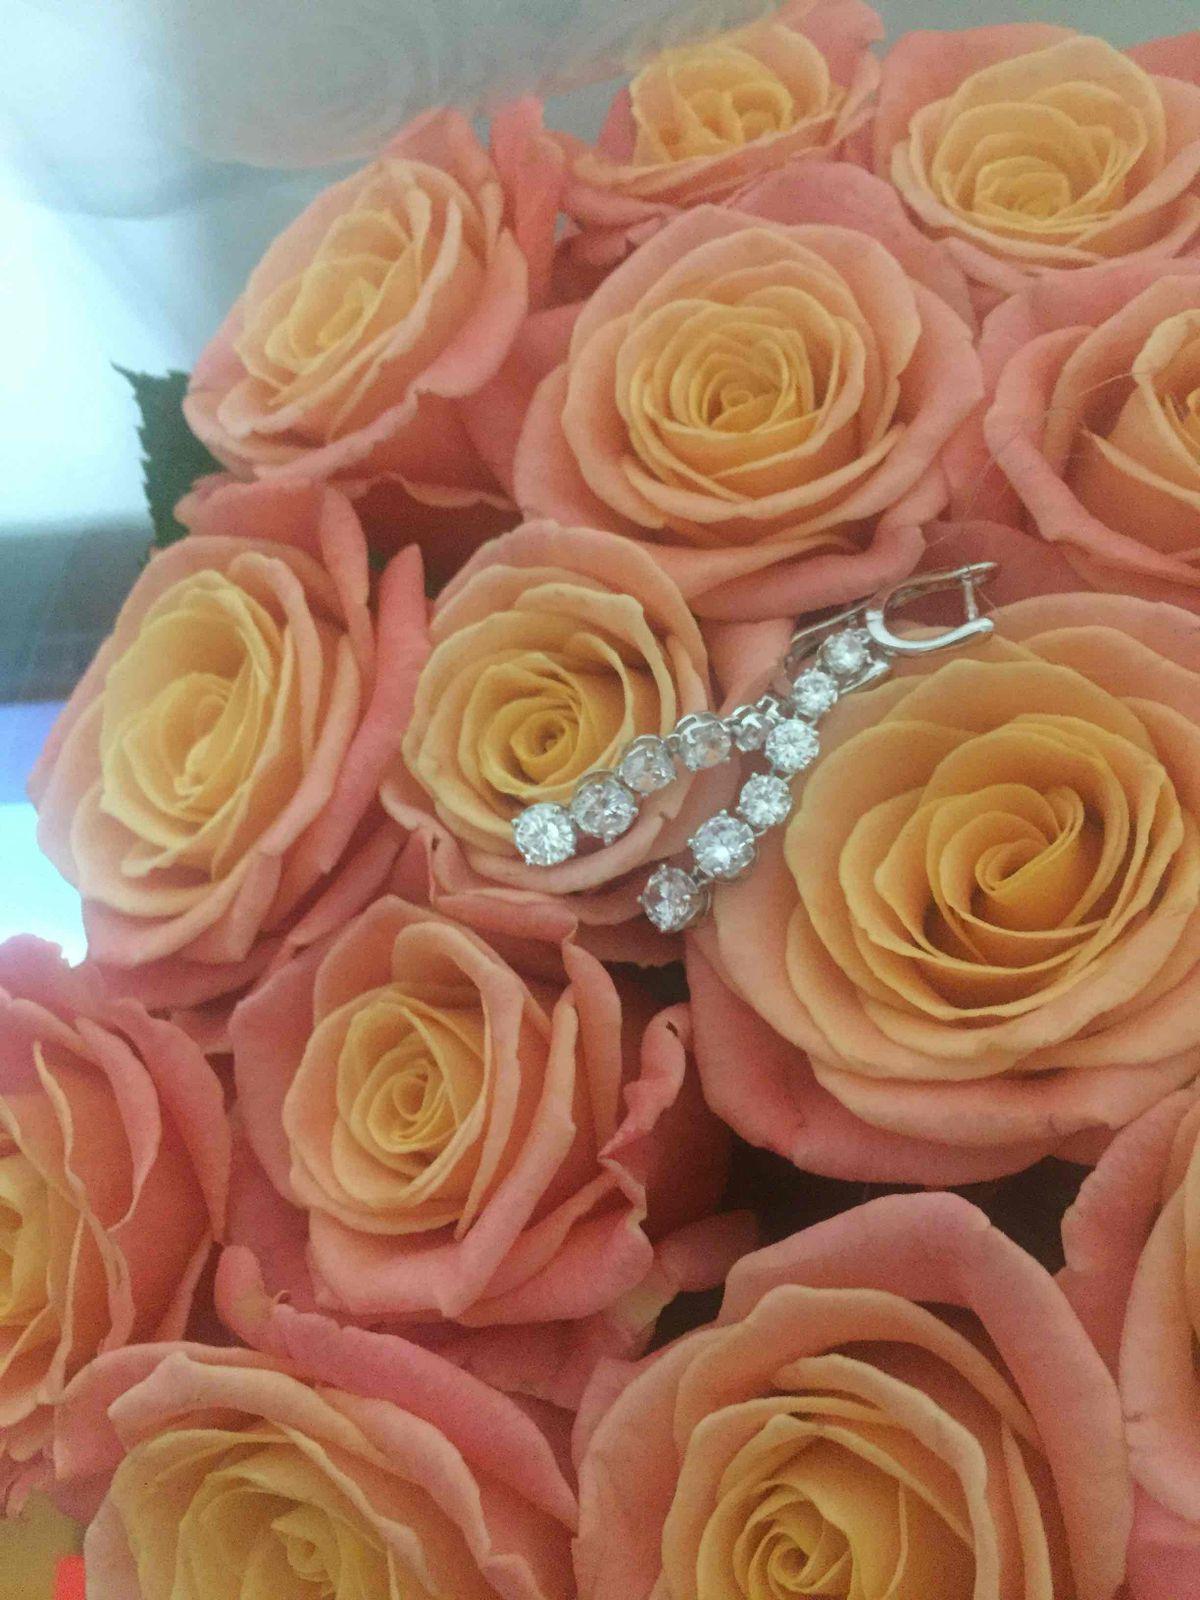 Любимый сделал подарок на 8 марта очень красивые сережки